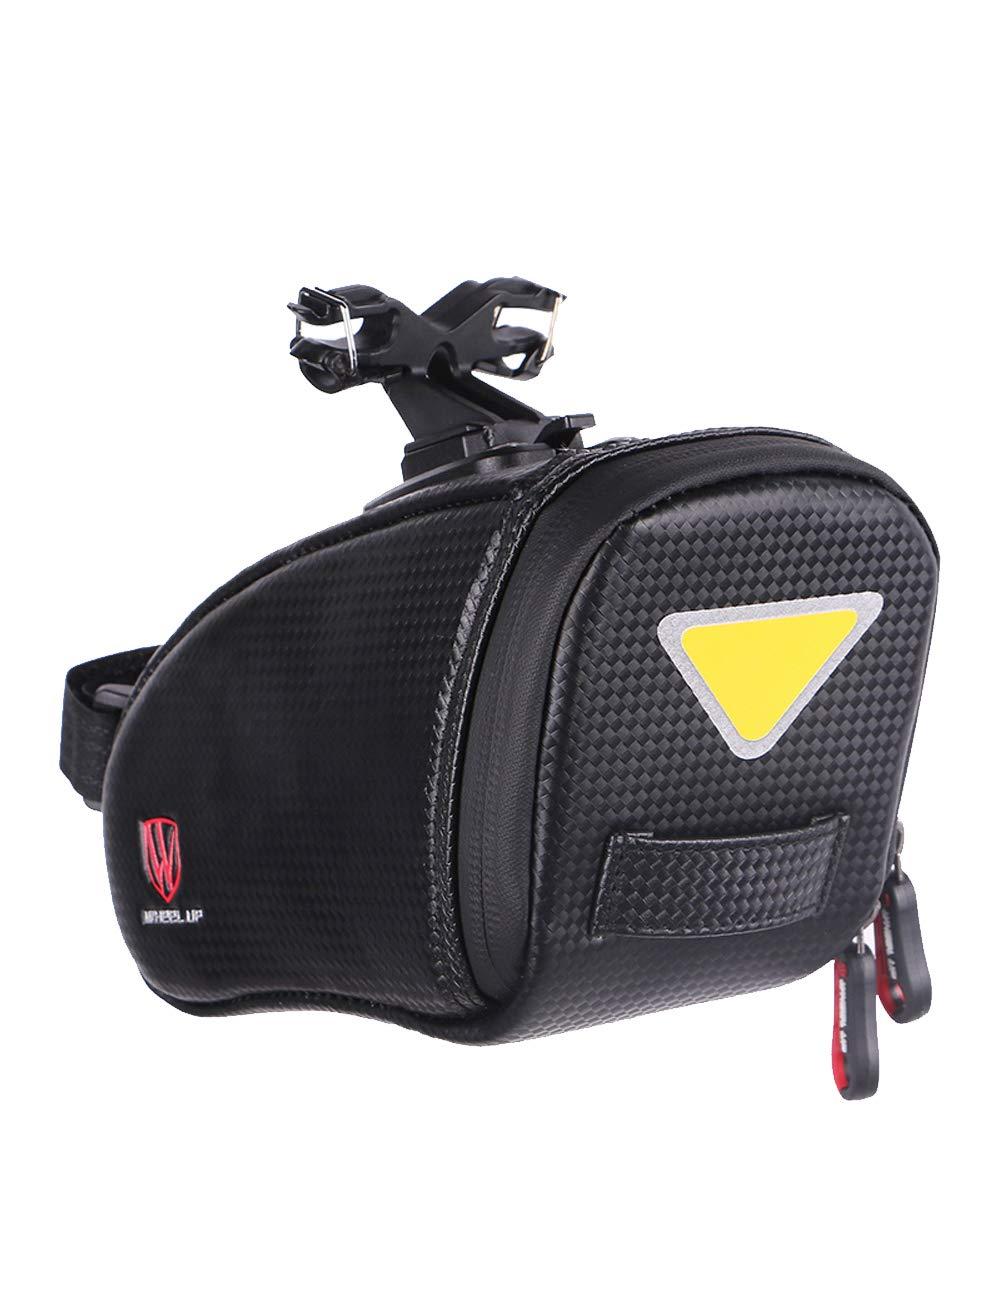 Menschwear 防水ストラップオンバイクサドルバッグ 自転車シートパックバッグ サイクリングウェッジストレージバッグ   B07JFF5RB3